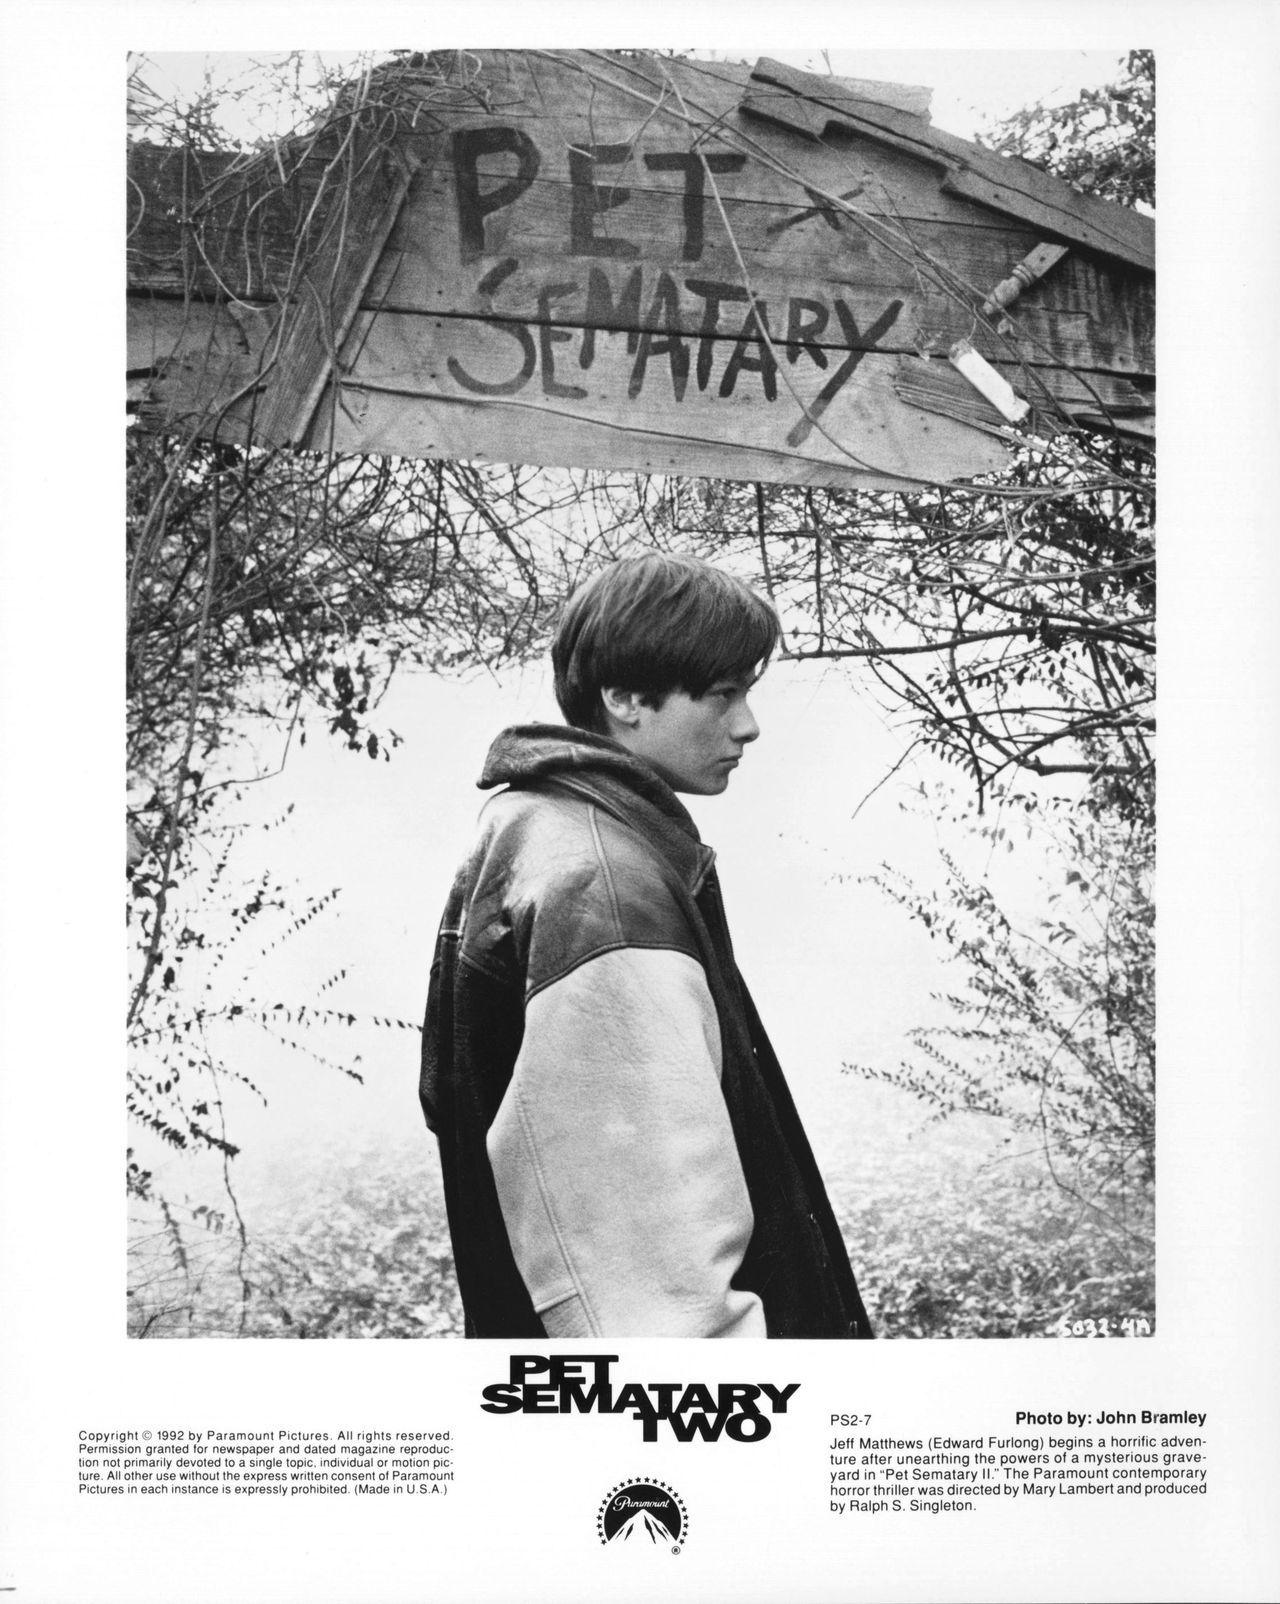 Pet Sematary II (1992) Edward furlong, Pet sematary